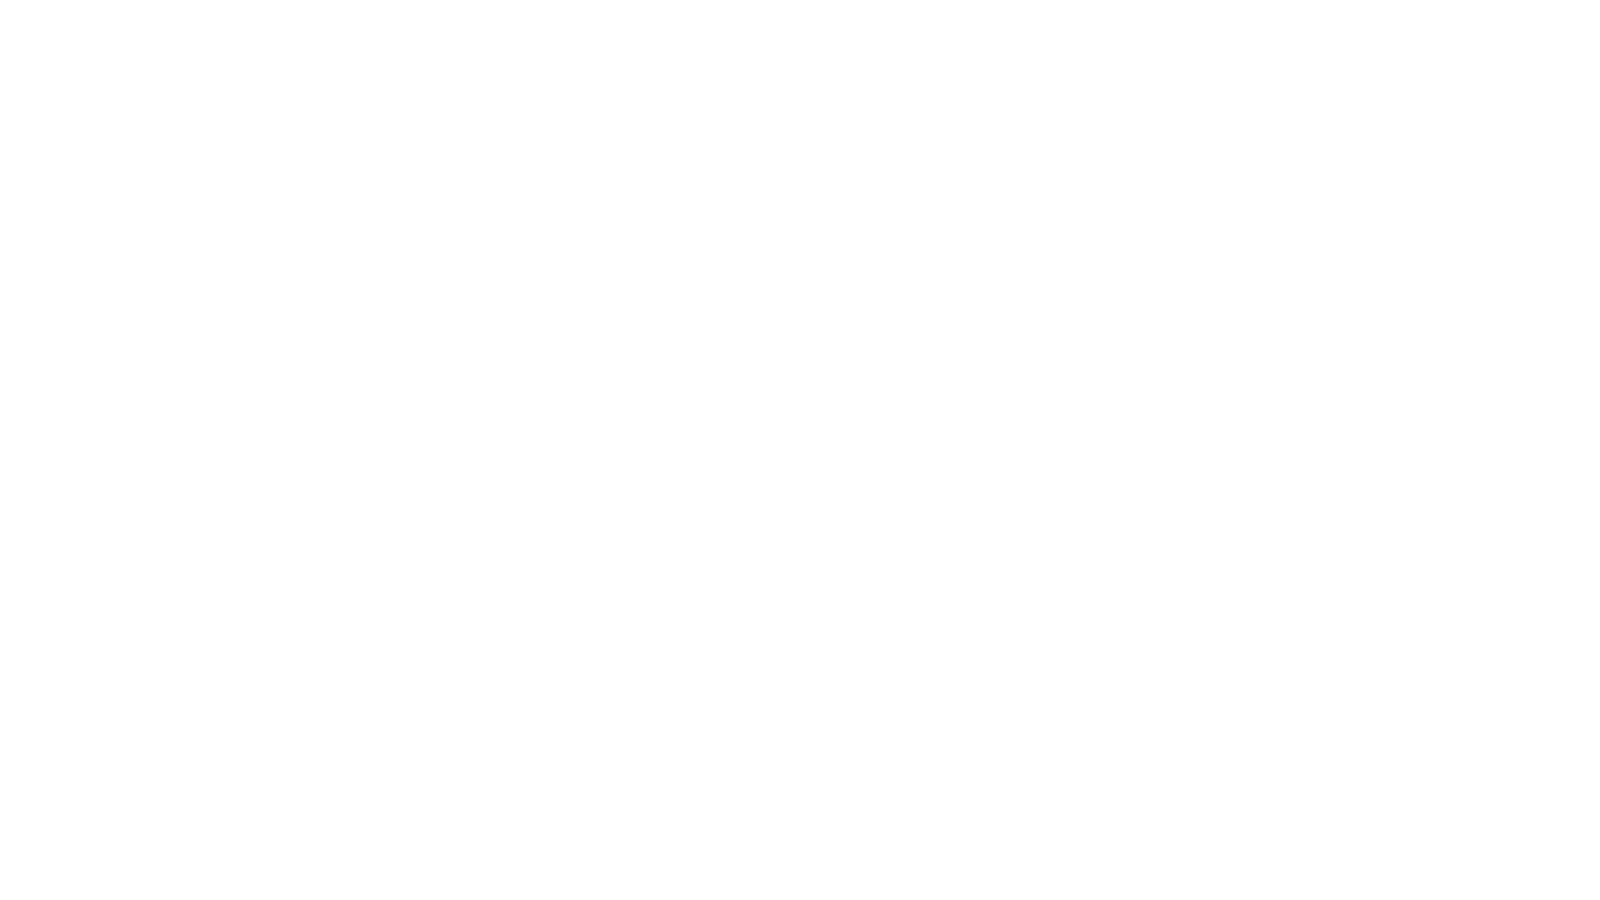 """Plongée en apnée dans les gorges de l'areuse du canton de Neuchâtel en Suisse. Par 7° et une luminosité très faible, l'endroit reste très ludique avec énormément de troncs enchevêtrés et quelques poissons dans les recoins! - Freediving in """"Les gorges de l'Areuse"""" in Neuchâtel, Switzerland. This cold river dive by 7° is also very dark, but a fantastic playground made of old trees and stones. With luck you'll catch a glimpse of some trouts!"""